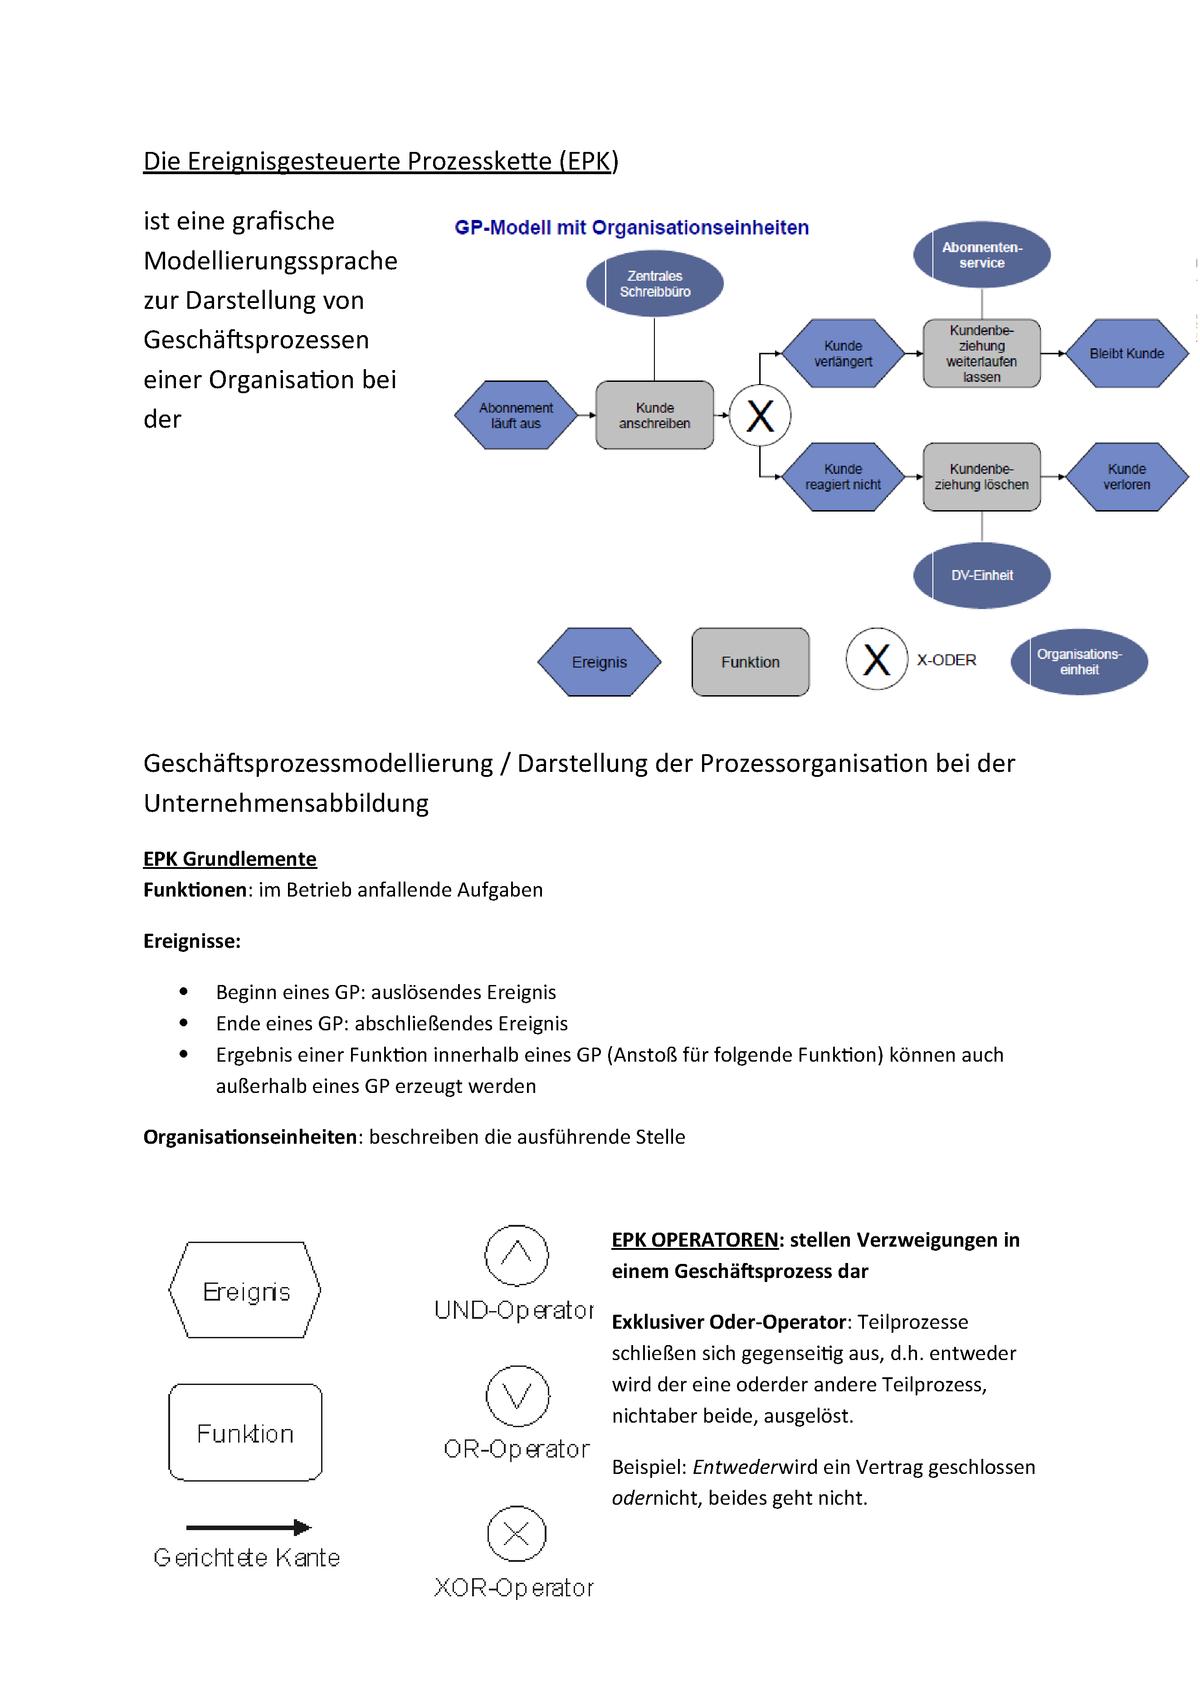 Die Ereignisgesteuerte Prozesskette Die Ereignisgesteuerte Prozesskette Epk Ist Eine Grafische Modellierungssprache Zur Darstellung Von Einer Organisation Bei Studocu